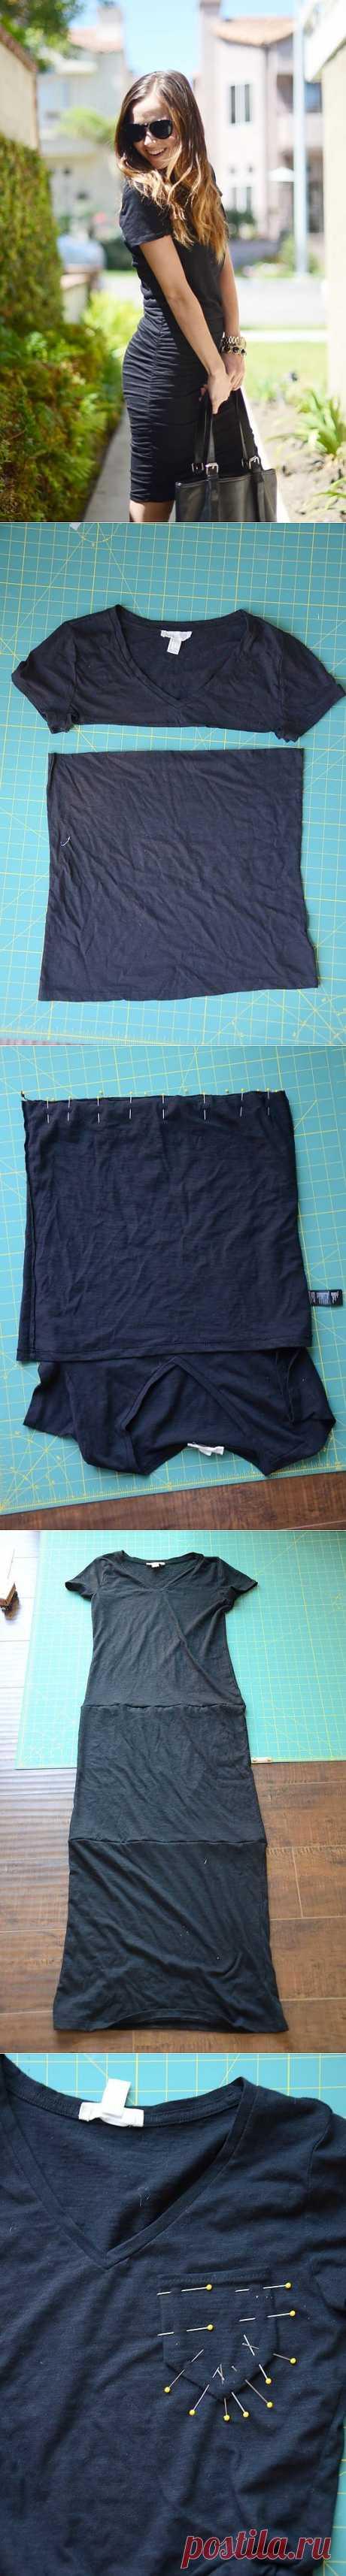 Платье из футболок (Diy) / Футболки DIY /